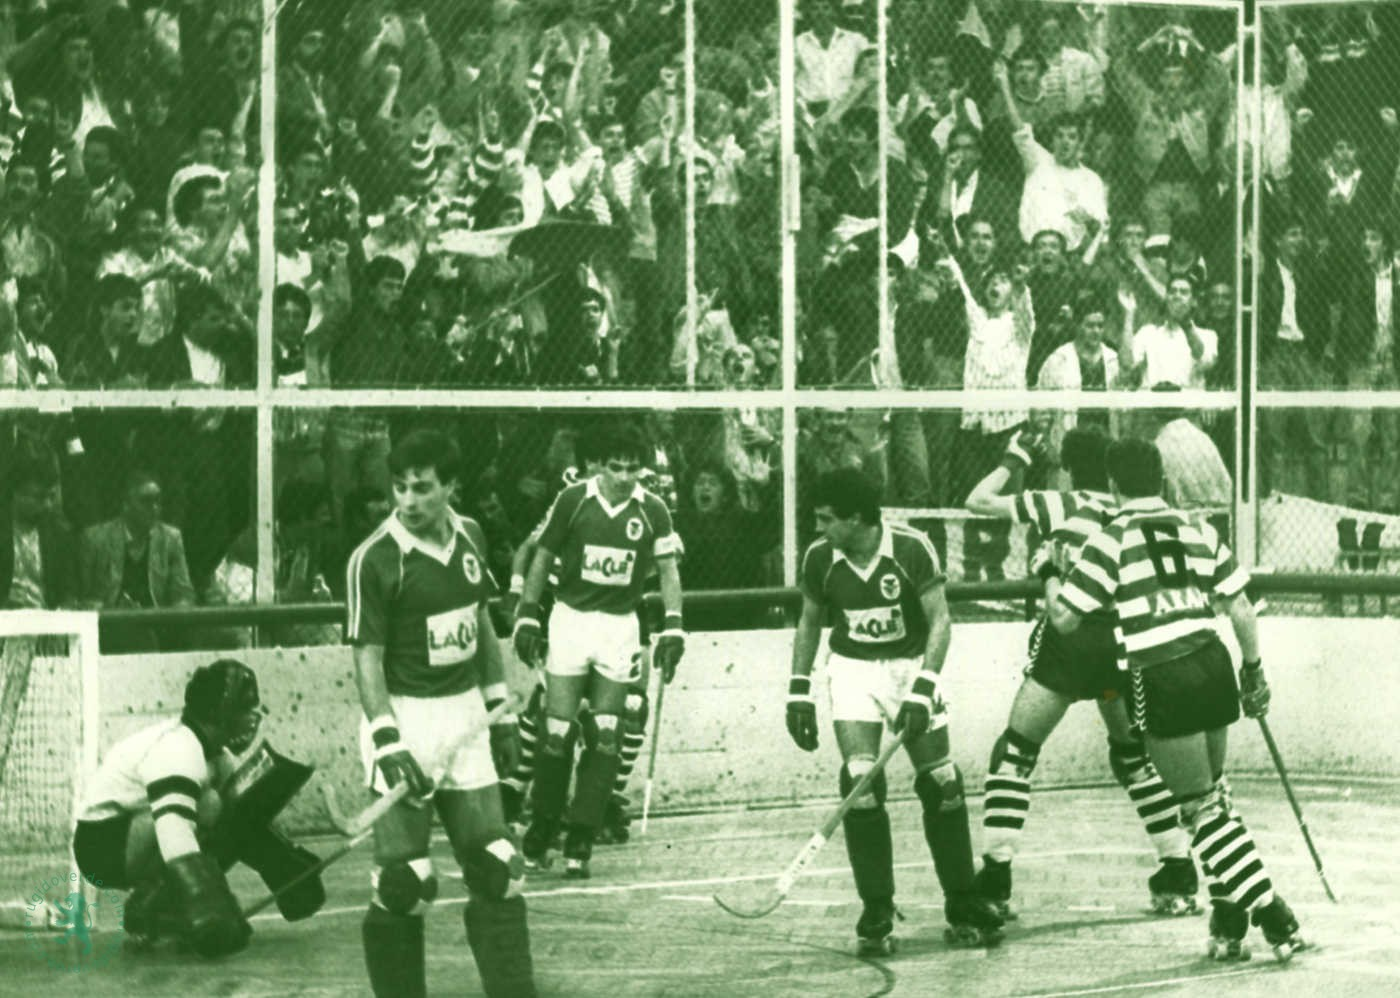 Neste dia… em 1988, o Sporting sagra-se Campeão Nacional de Hóquei em Patins no pavilhão do rival